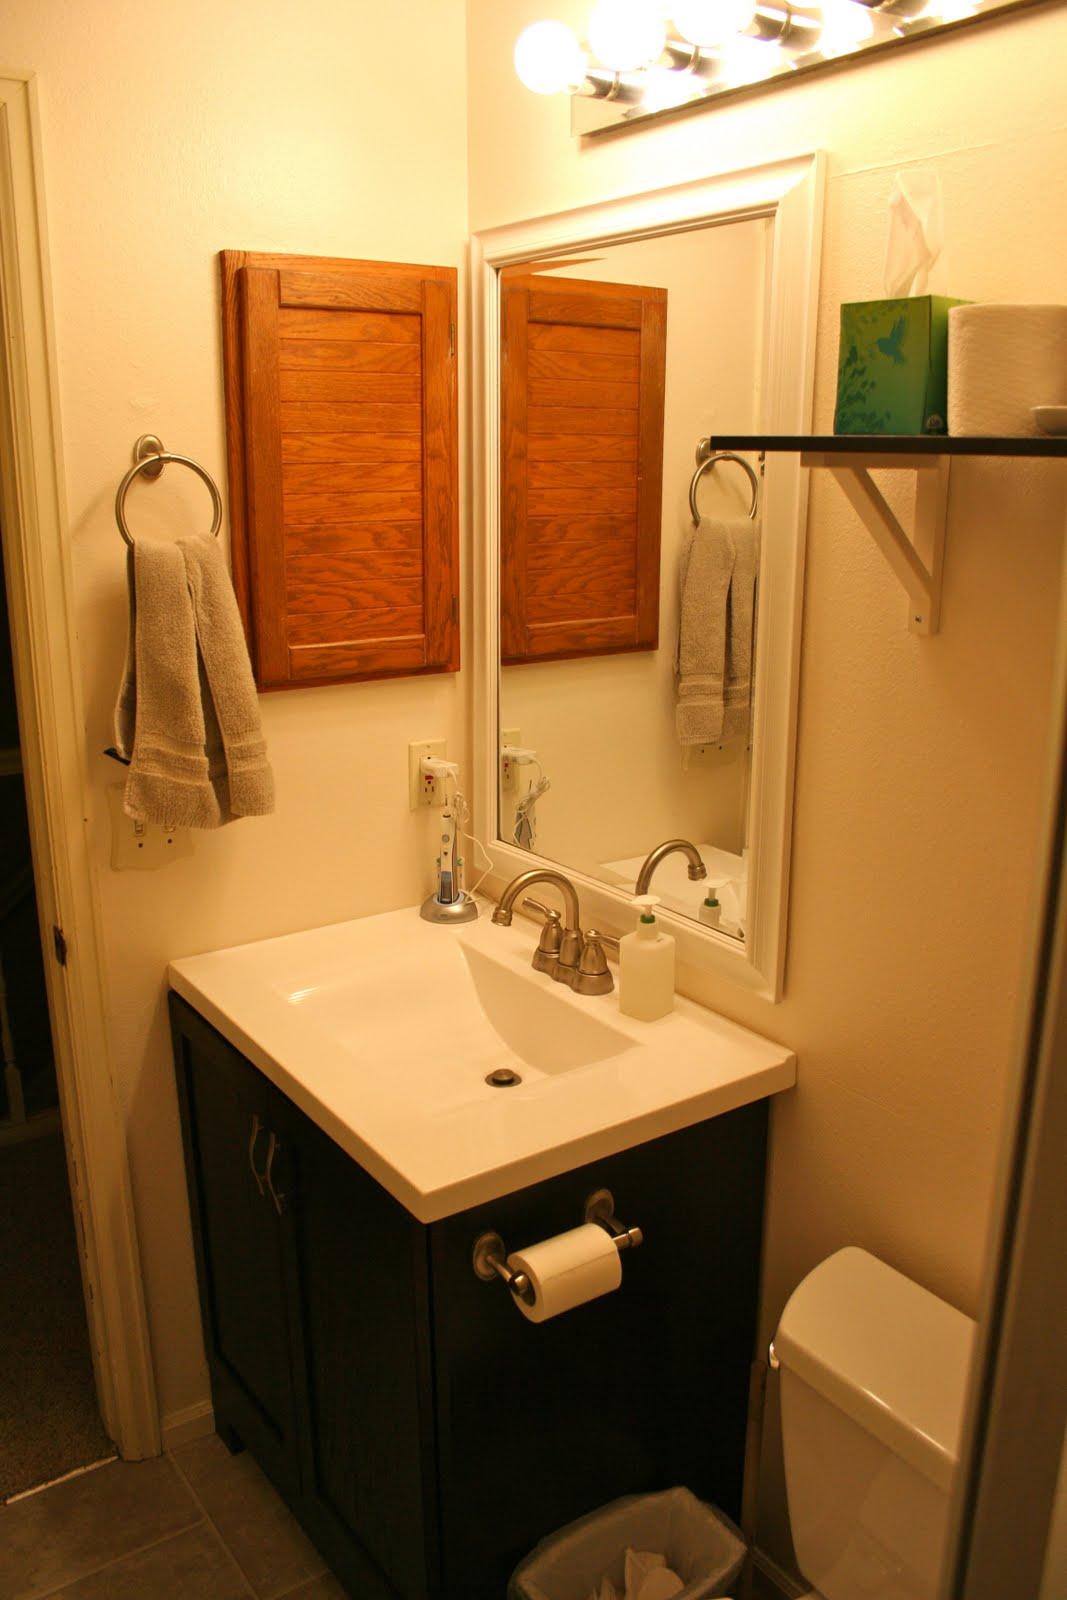 things we swear happened  DIY Bathroom Remodel